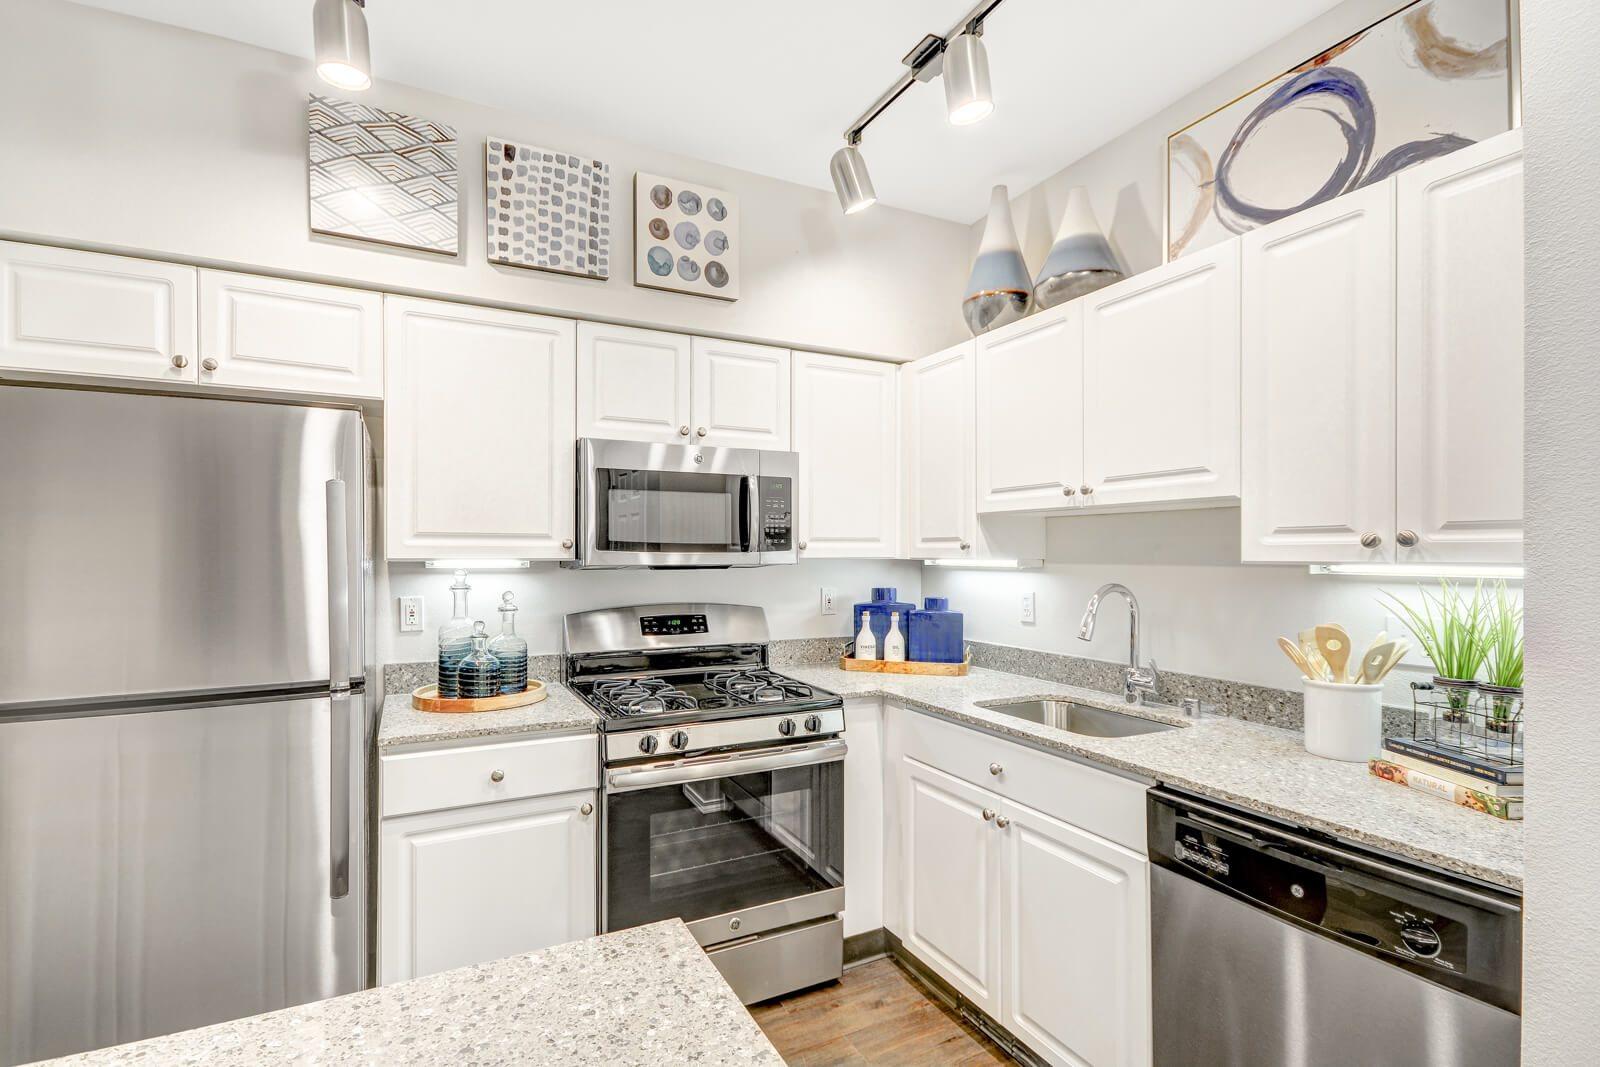 Renovated Kitchen with Quartz Countertops at The Estates at Cougar Mountain, 2128 Shy Bear Way NW, WA